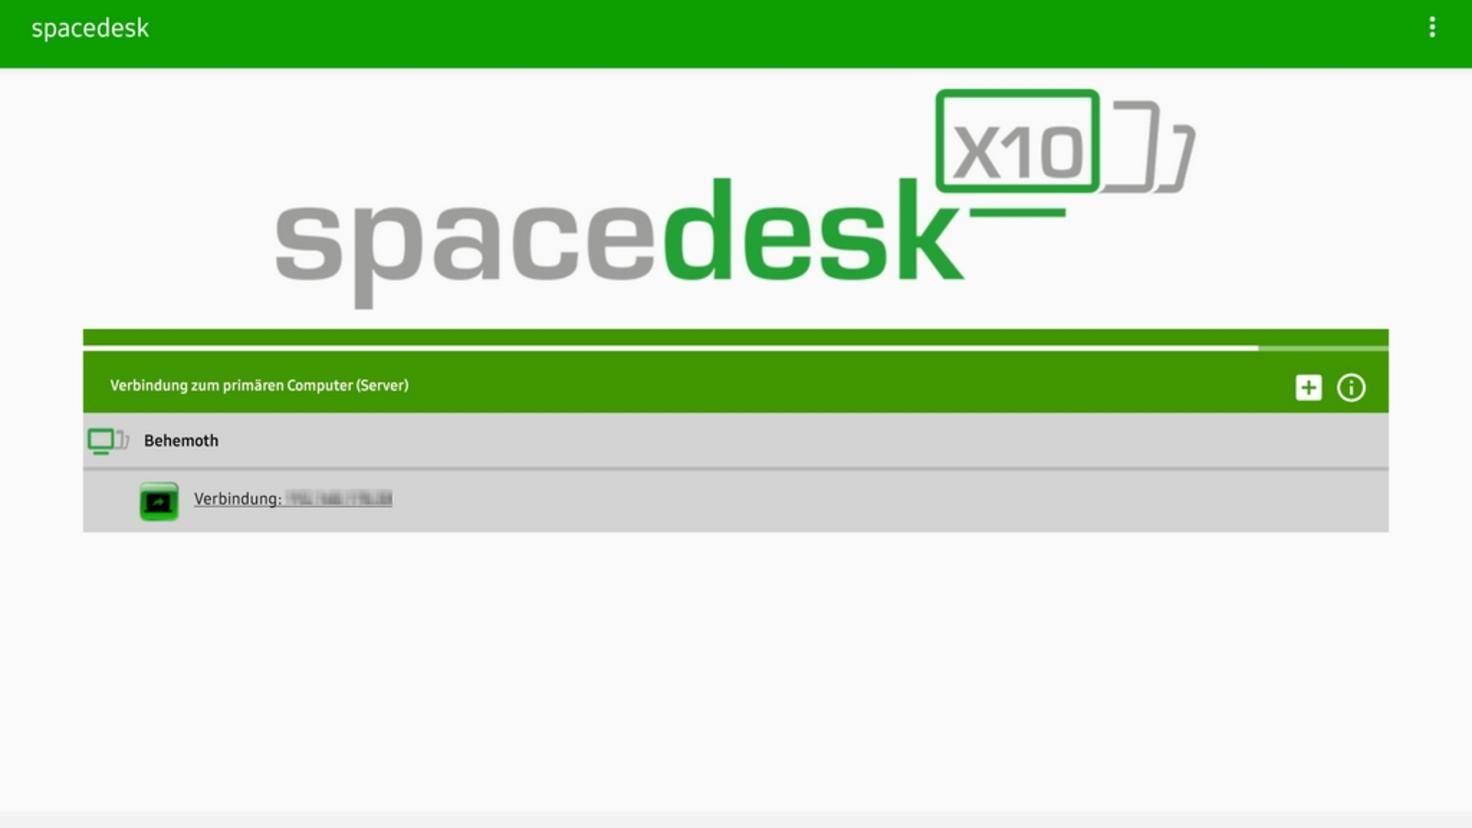 Spacedesk-Tablet